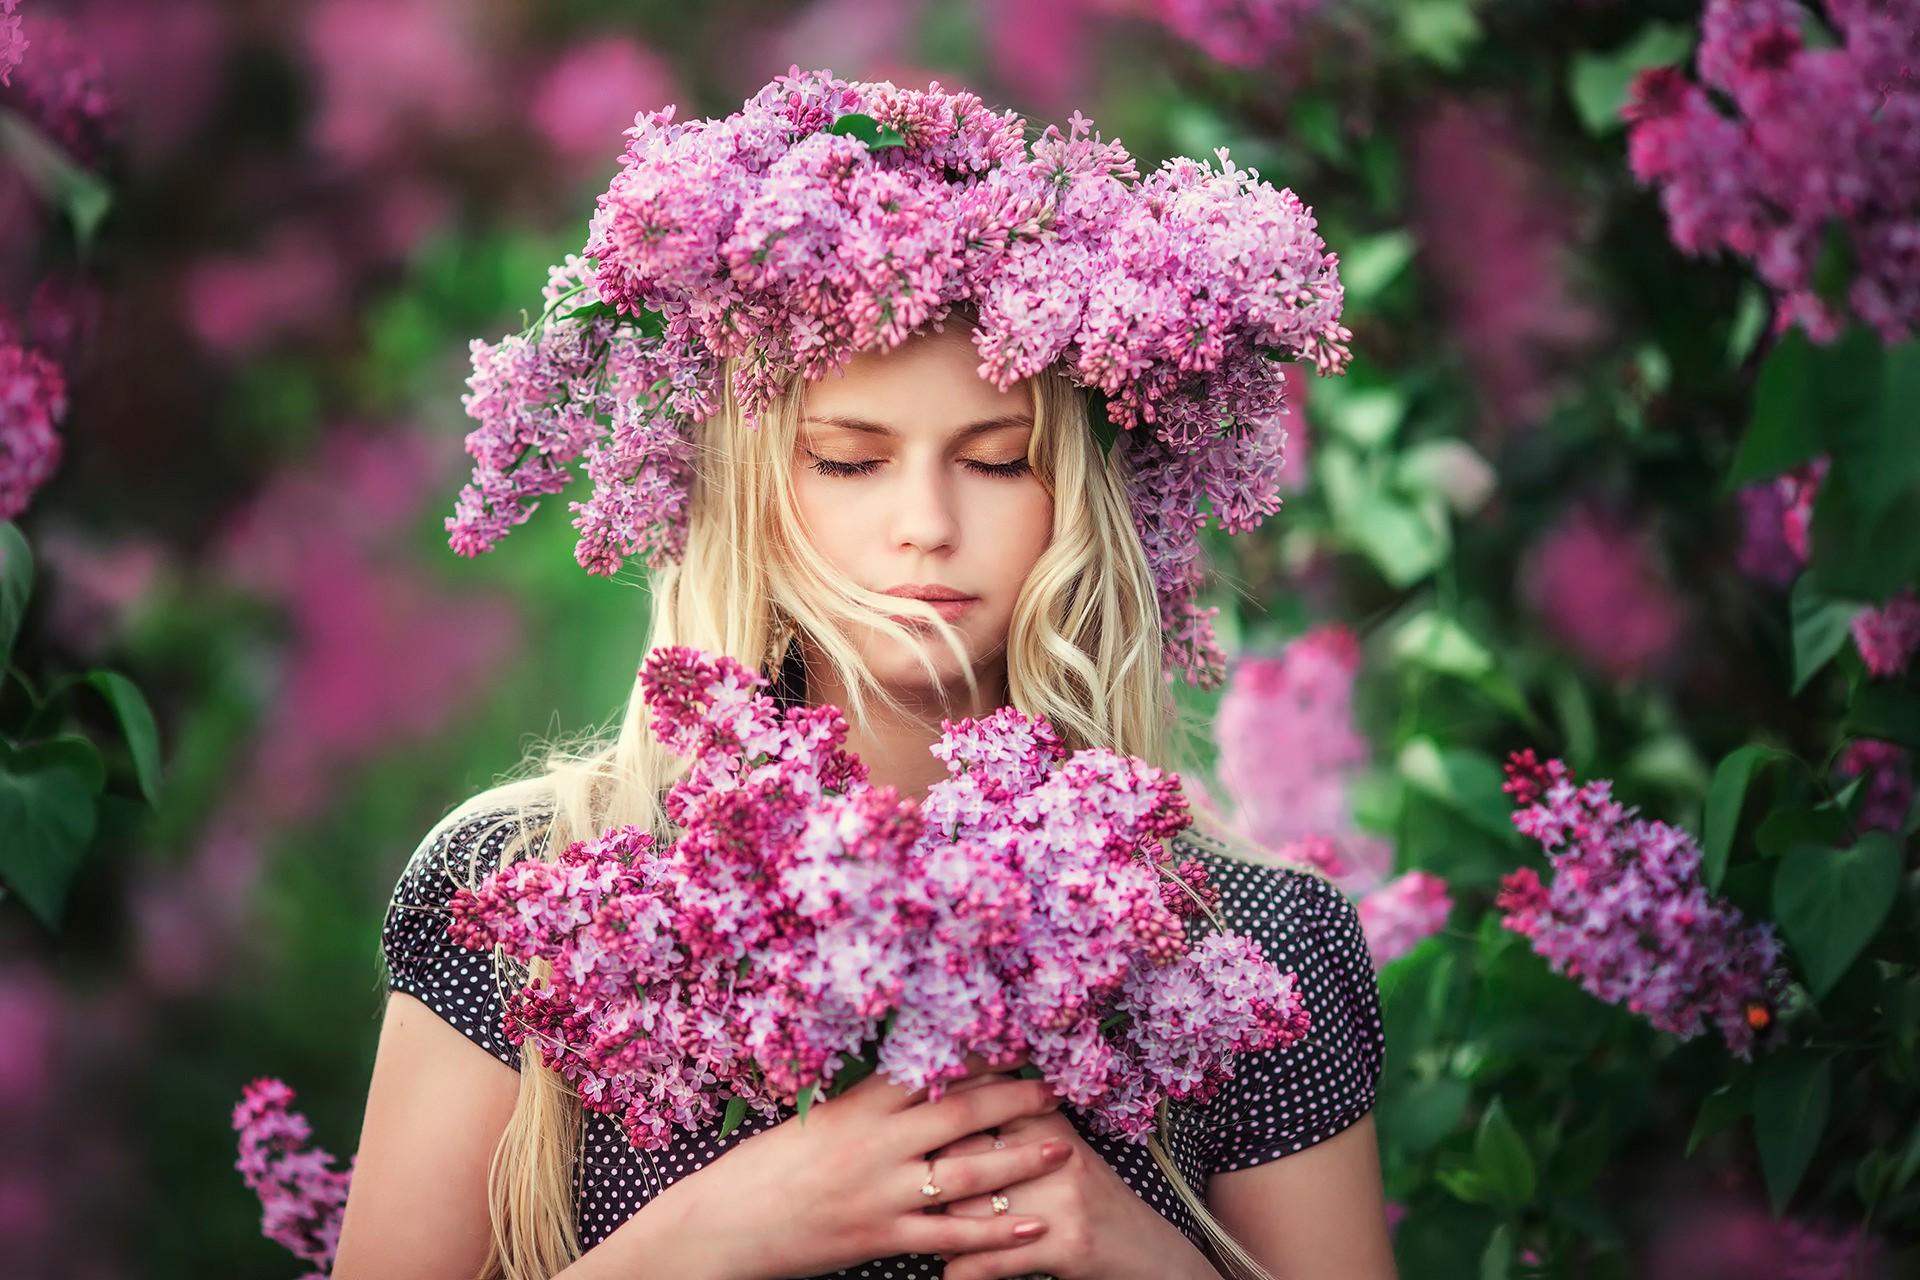 Результаты фотоконкурса Девушка в цветах новые фото